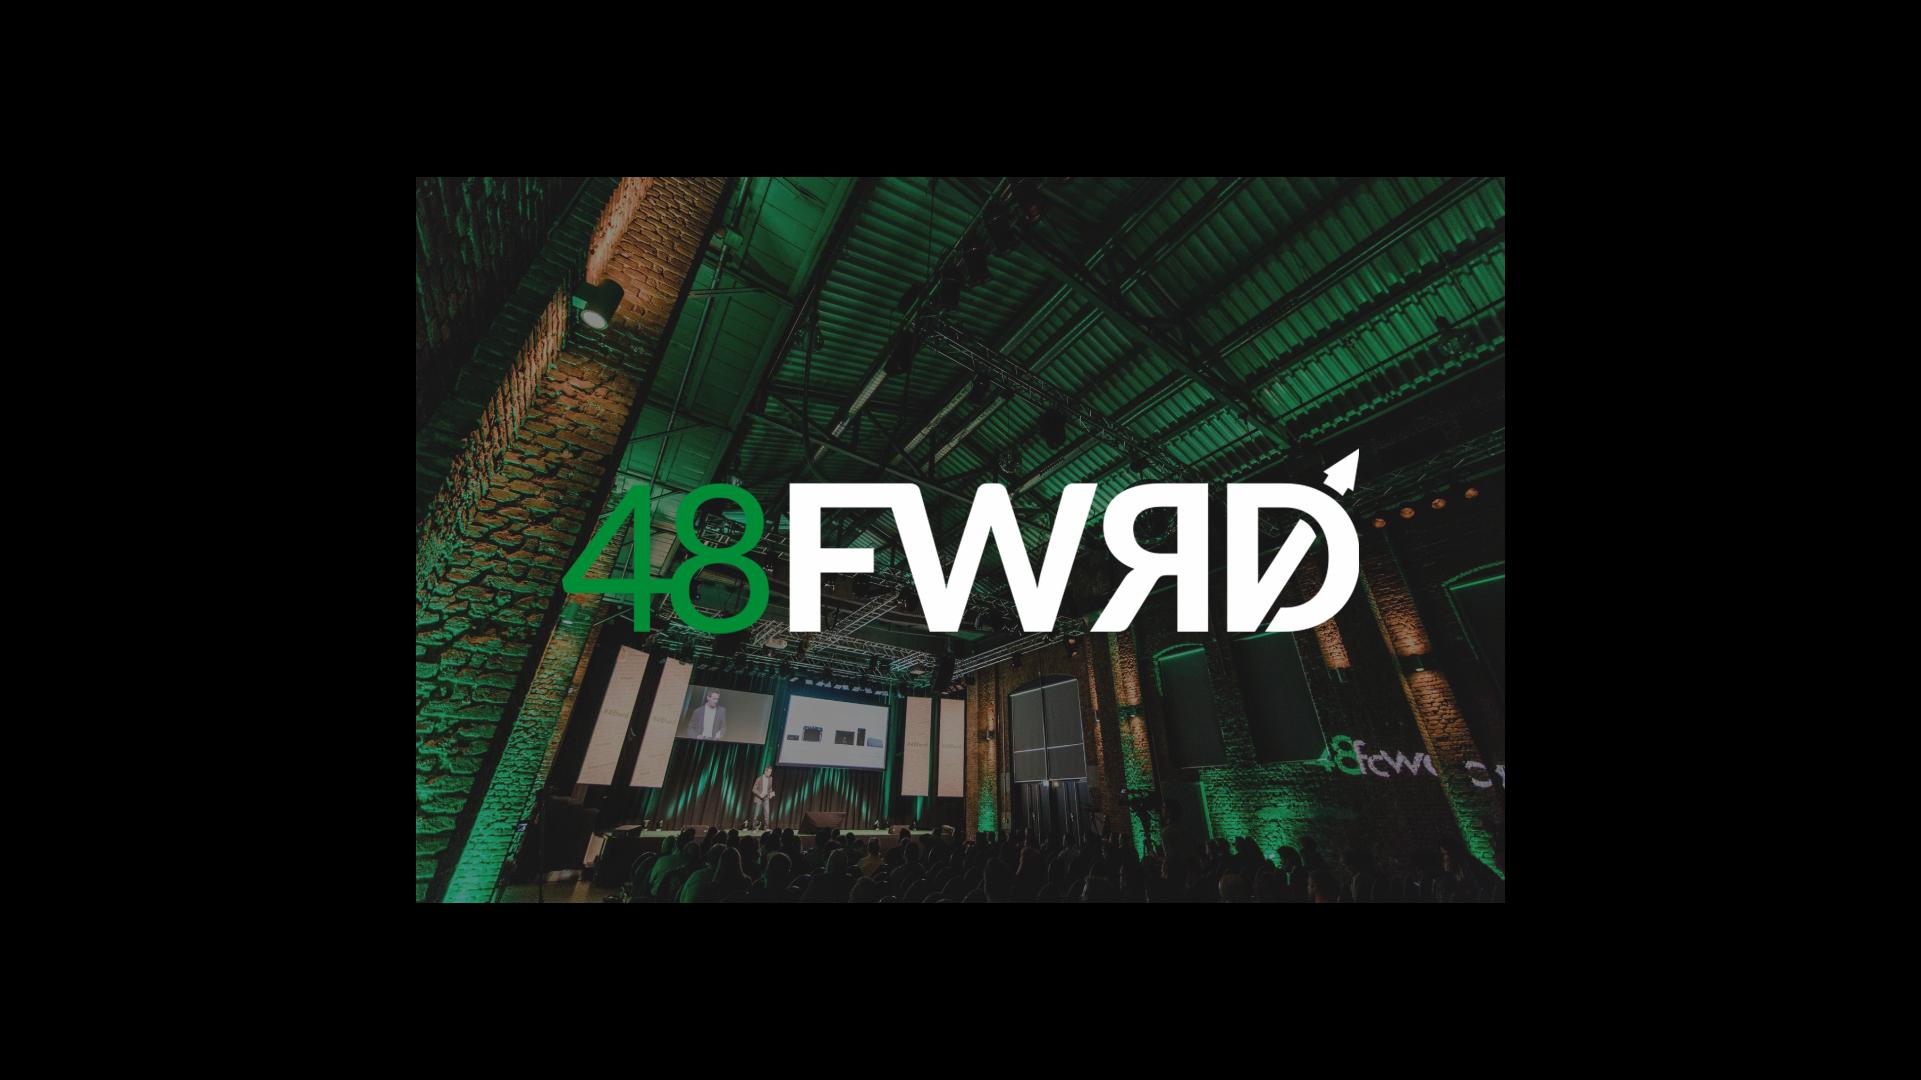 event-logo-48forward